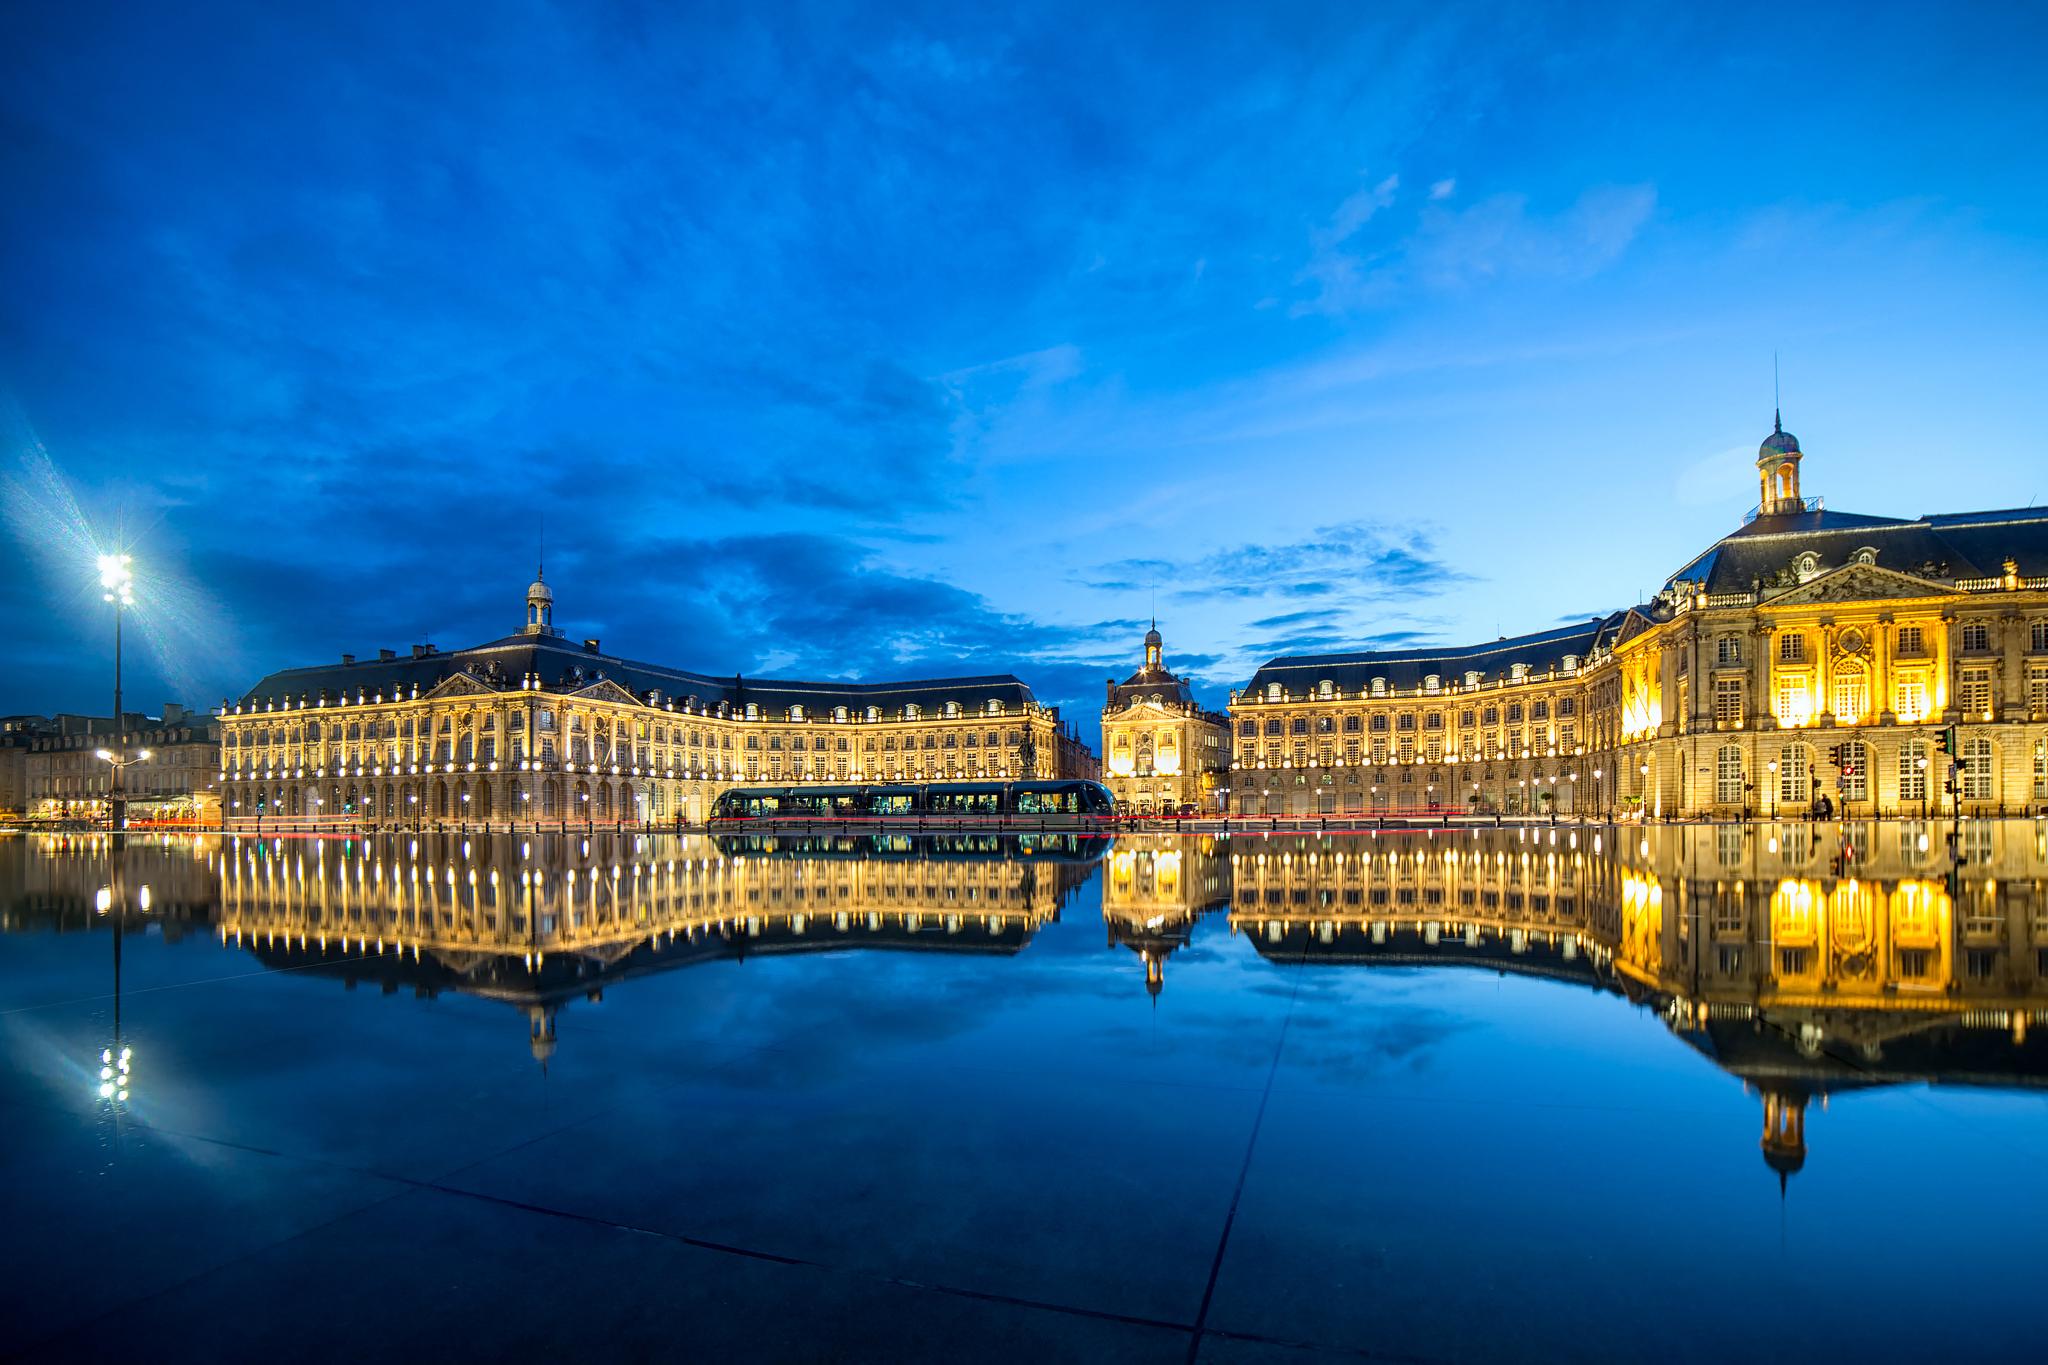 Vue de Bordeaux, le miroir d'eau et la place de la bourse juste après le coucher de soleil